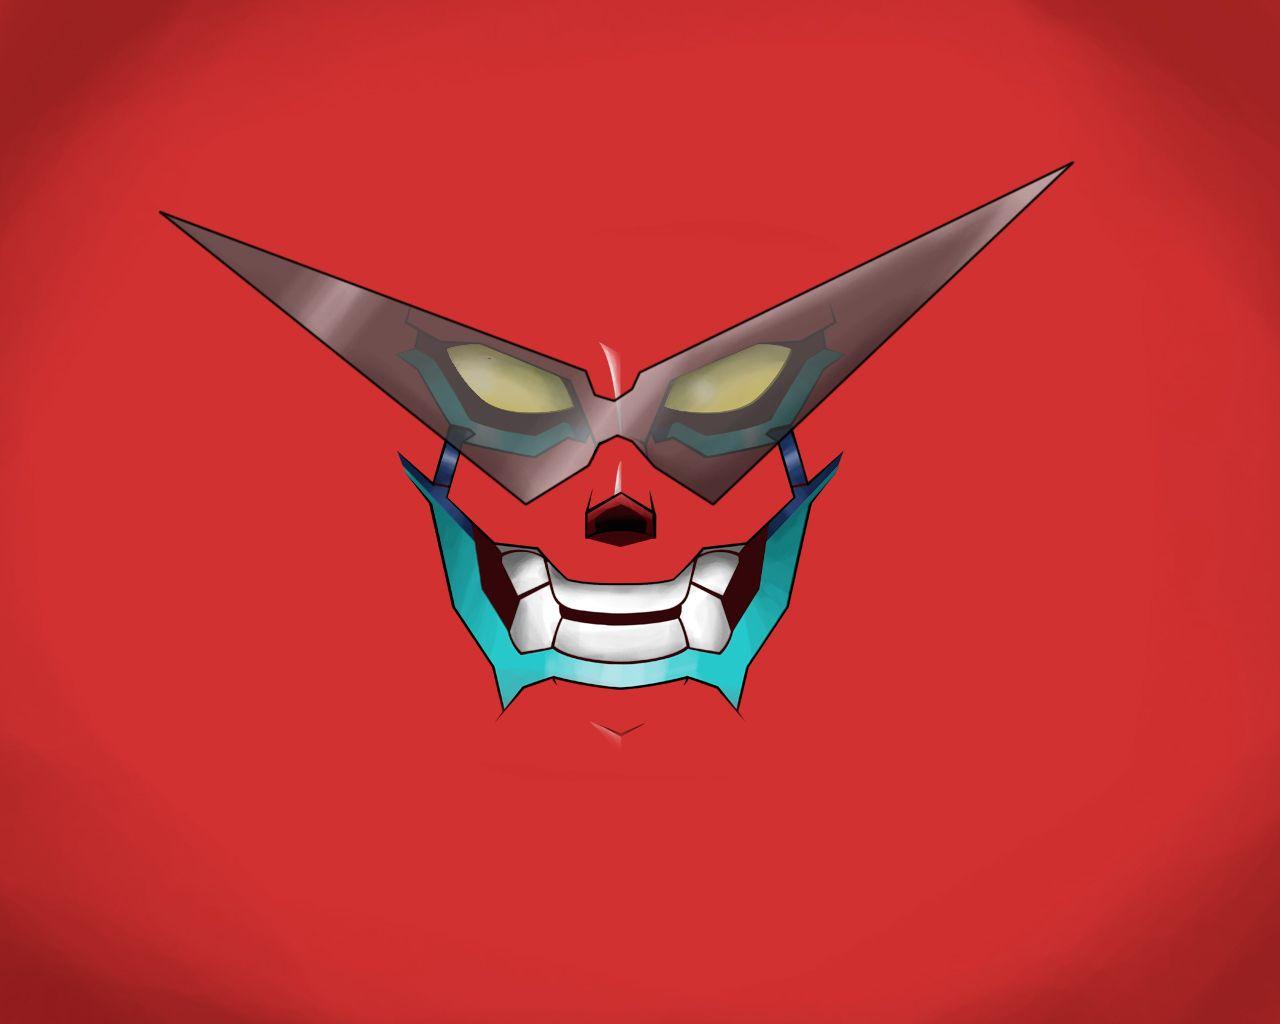 Anime Tengen Toppa Gurren Lagann Wallpaper ttgl Gurren lagann 1280x1024